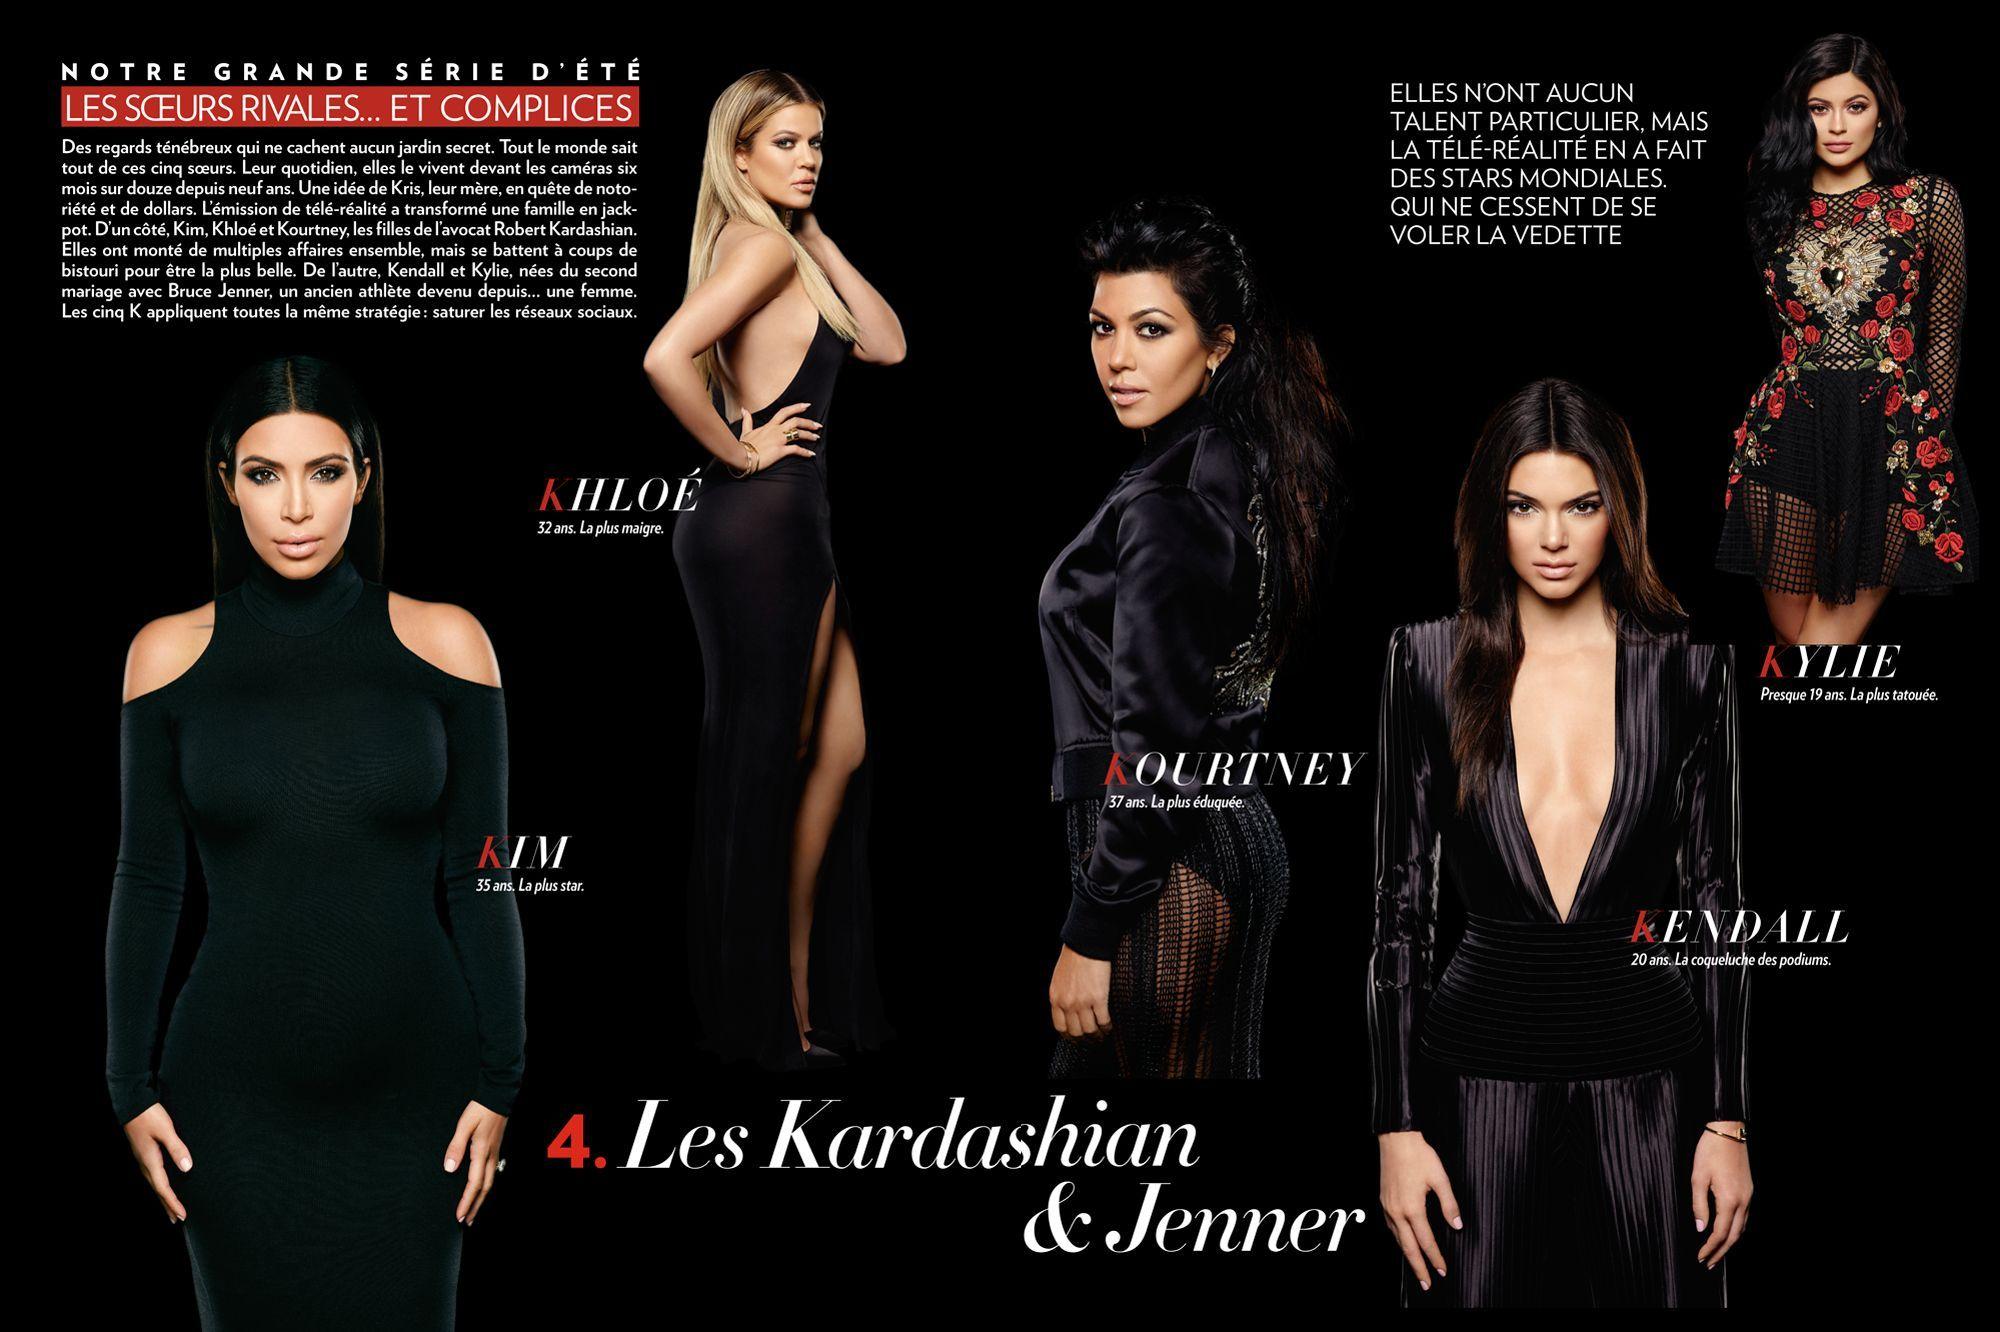 Kardashian u0026 Jenner : les sœurs rivales et complices